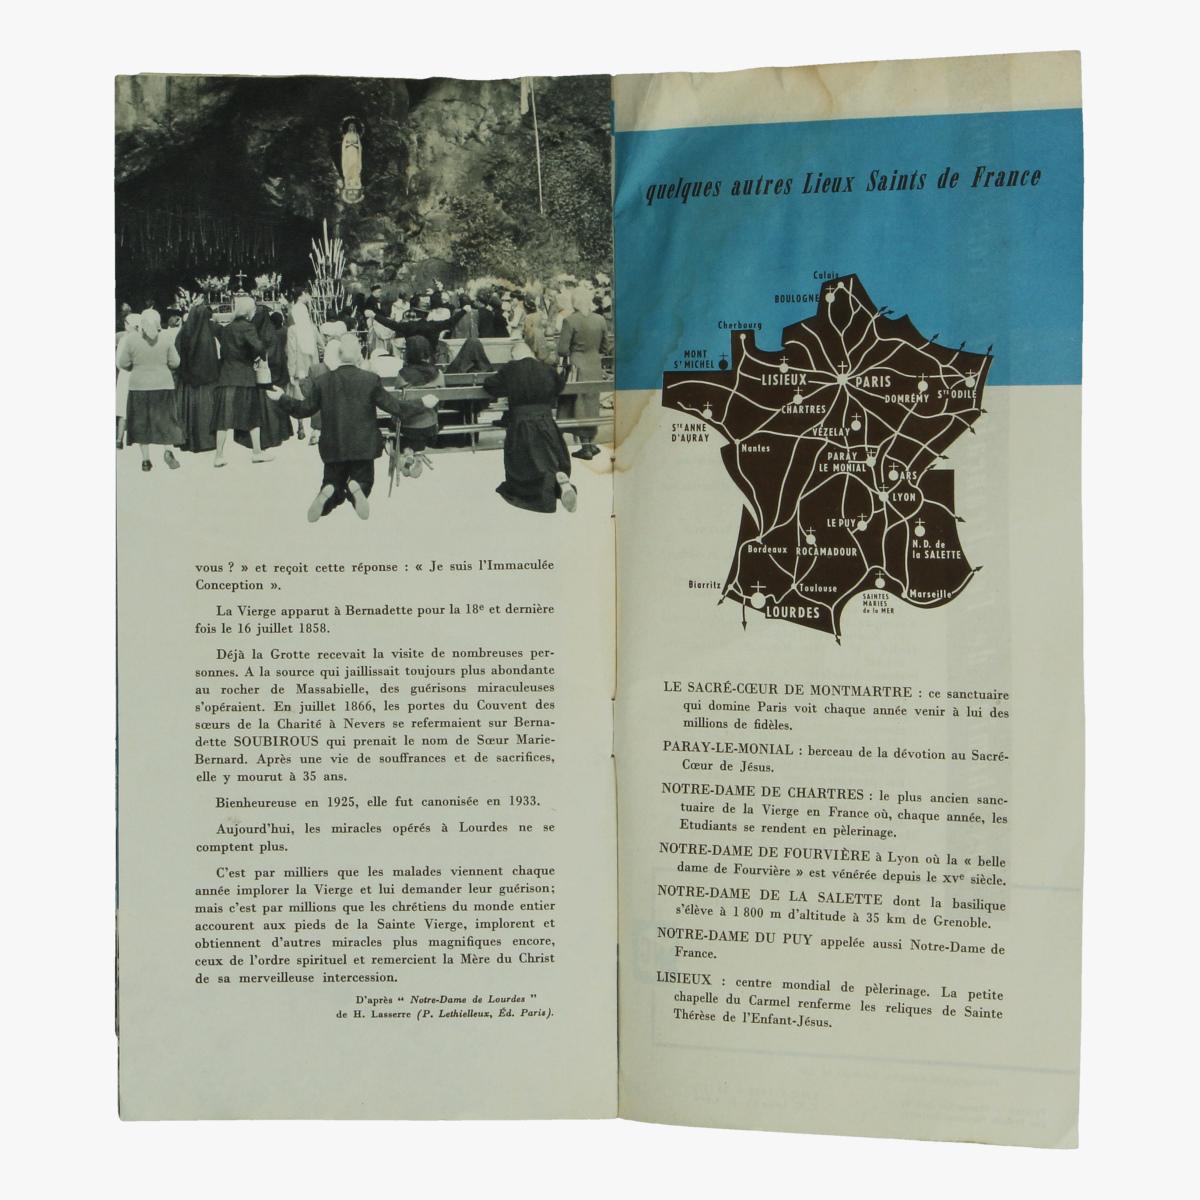 Afbeeldingen van expo 58 centenaire de lourdes  société nationale des chemins de fer français